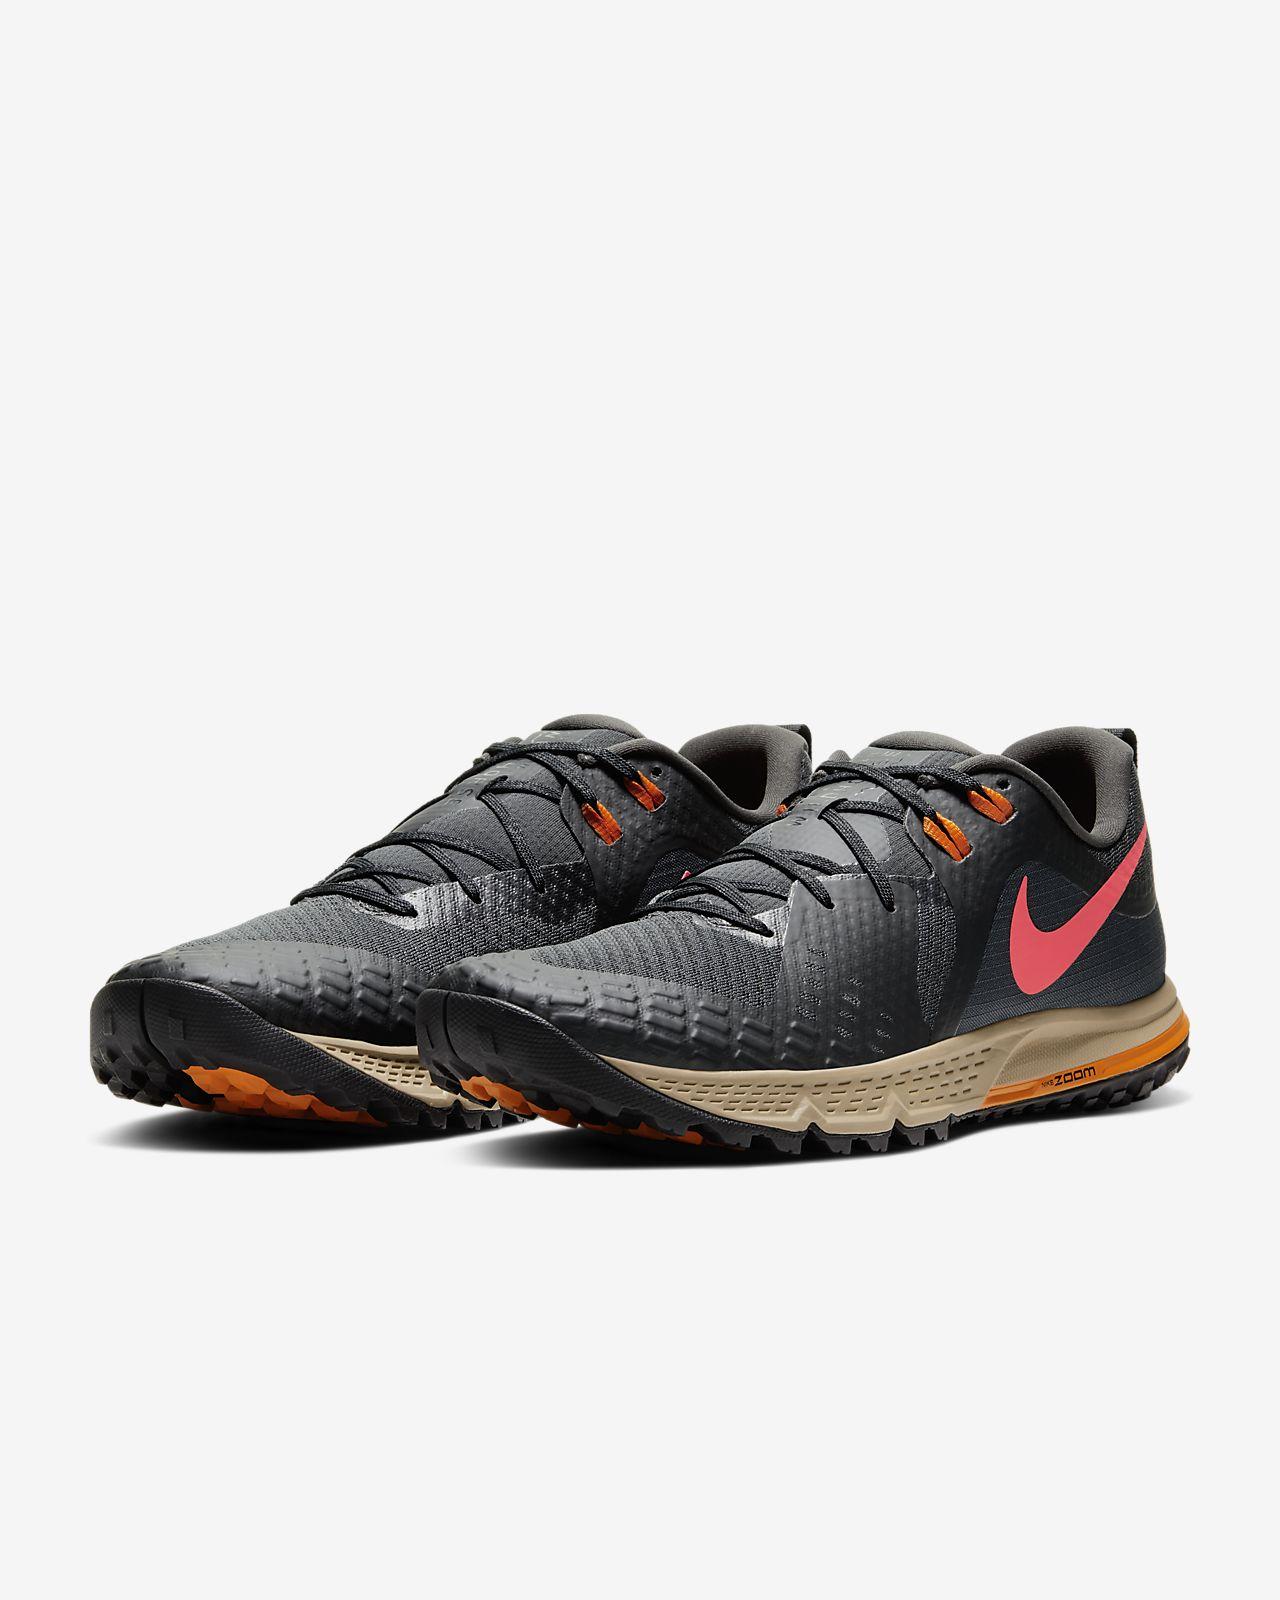 Nike Air Zoom Wildhorse 5 Trailrunningschoen voor heren